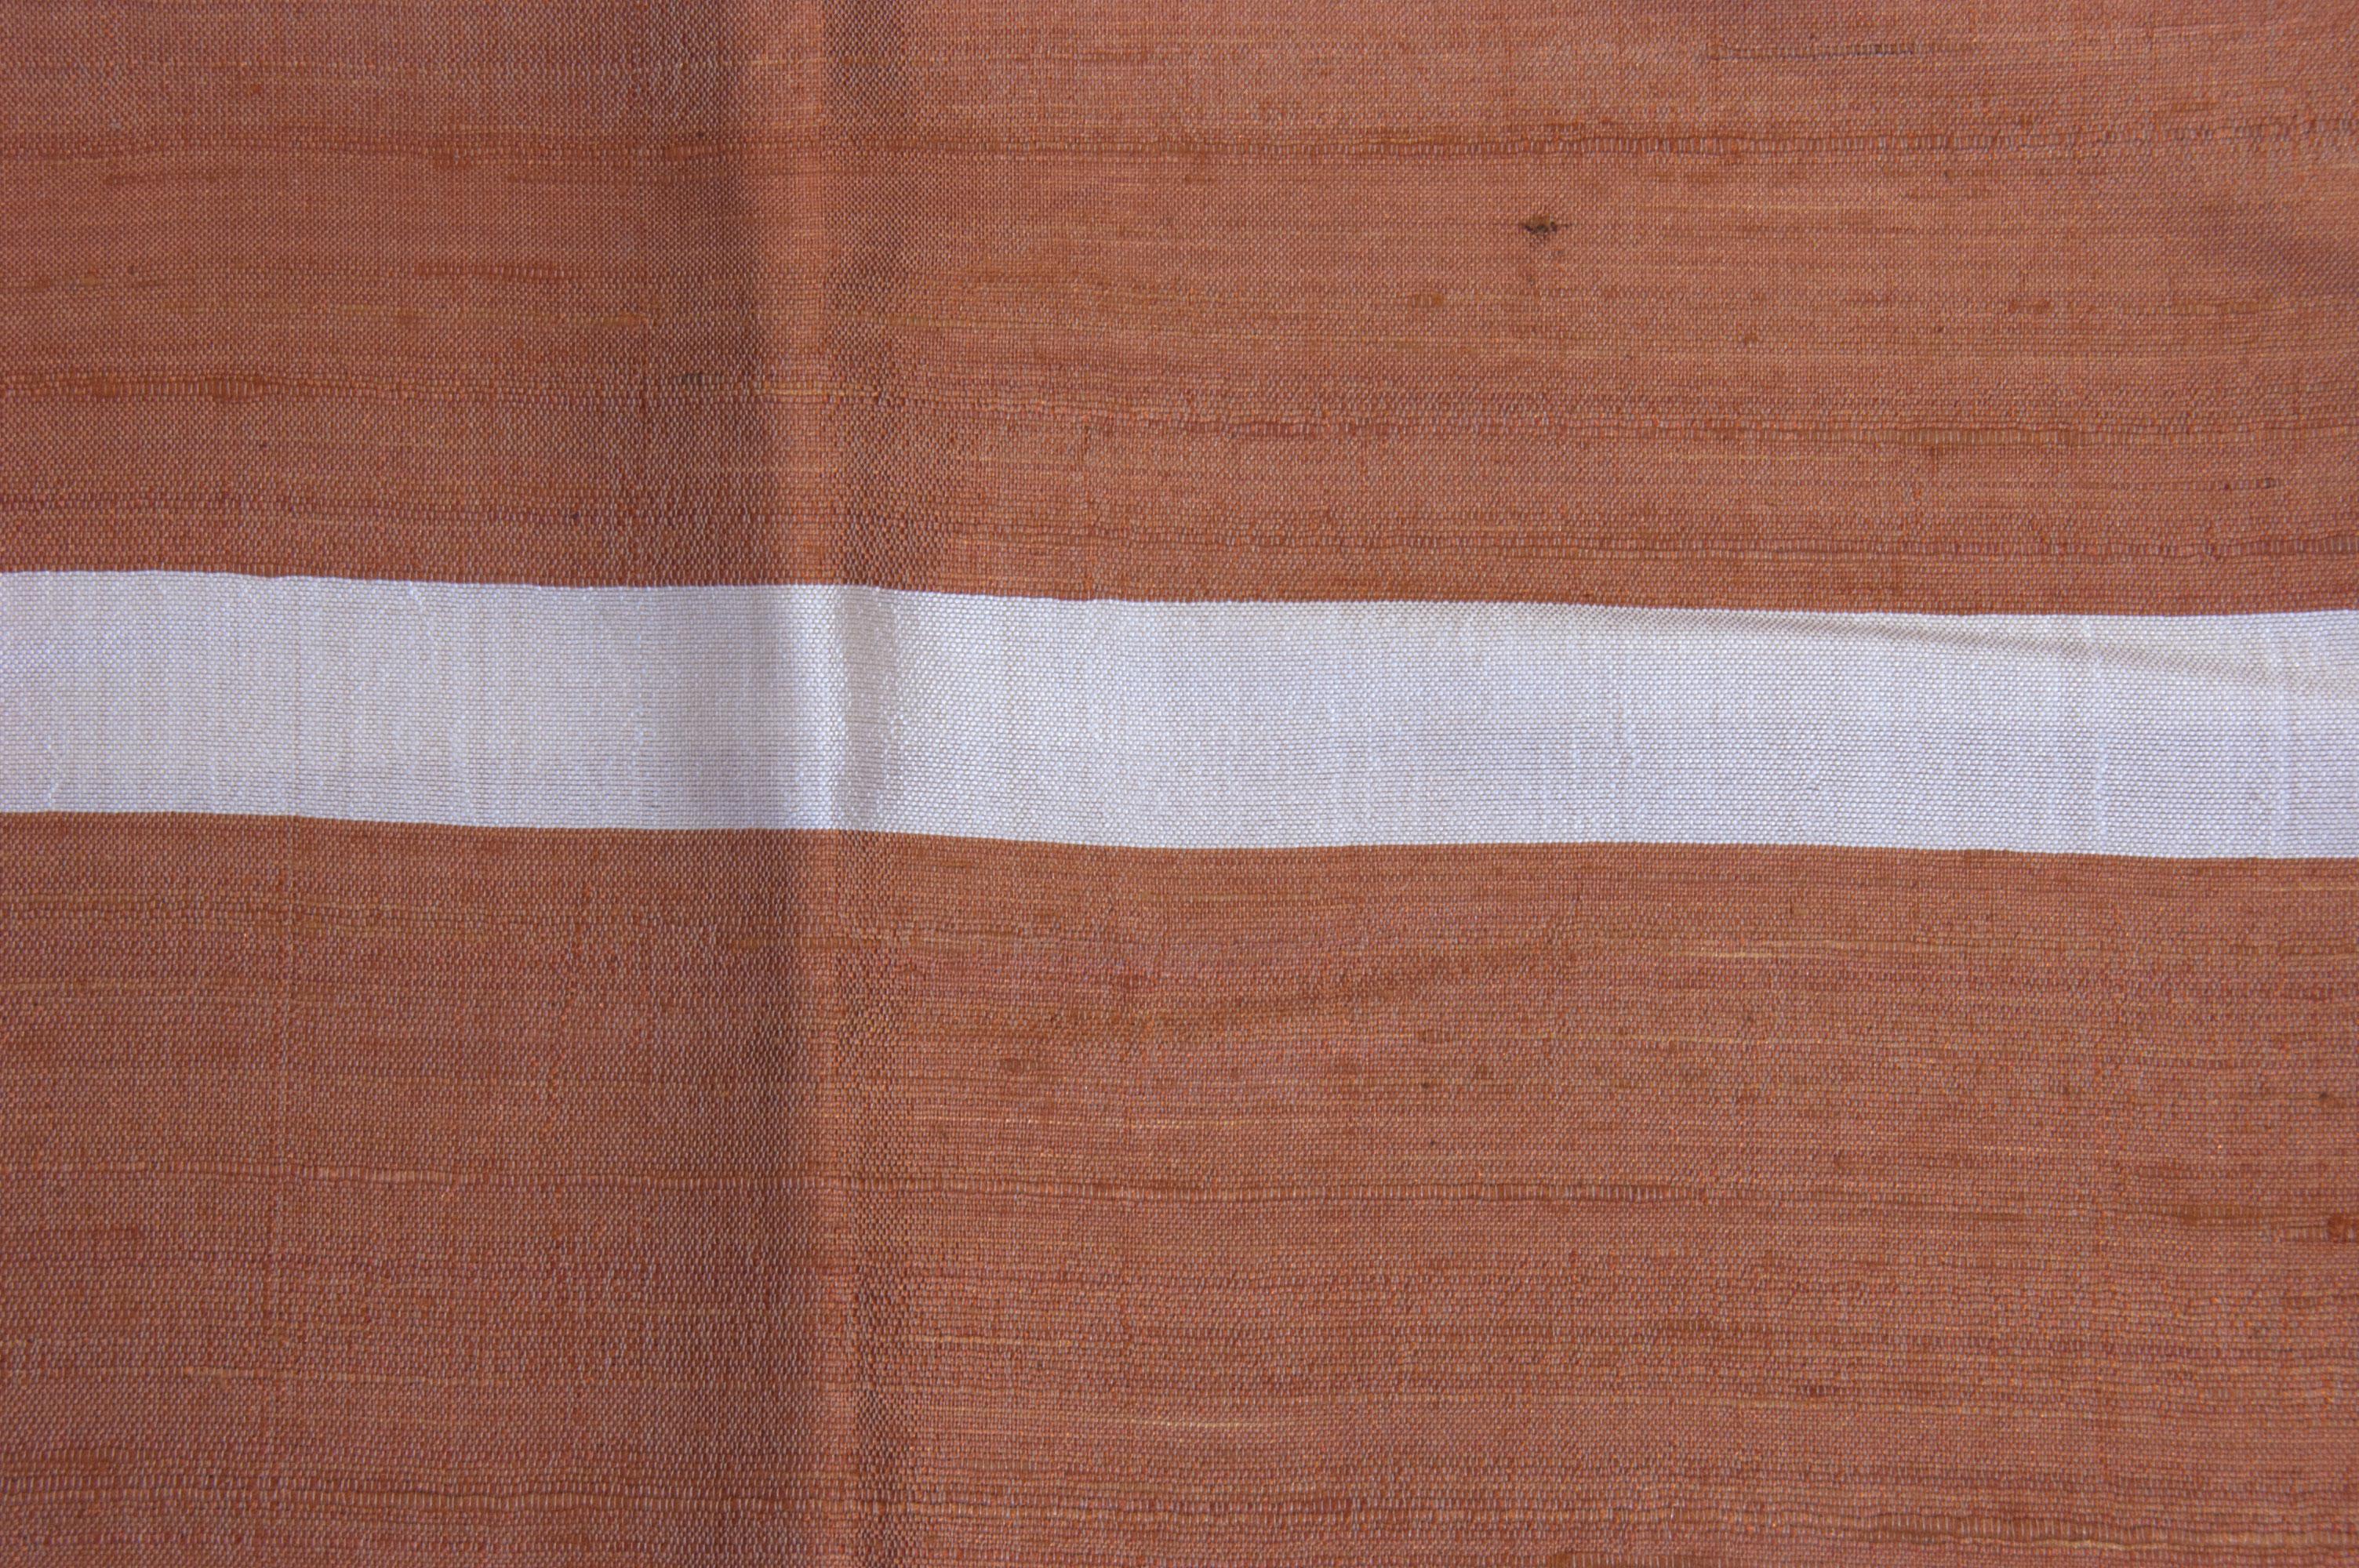 Zijden sjaal creme oranje